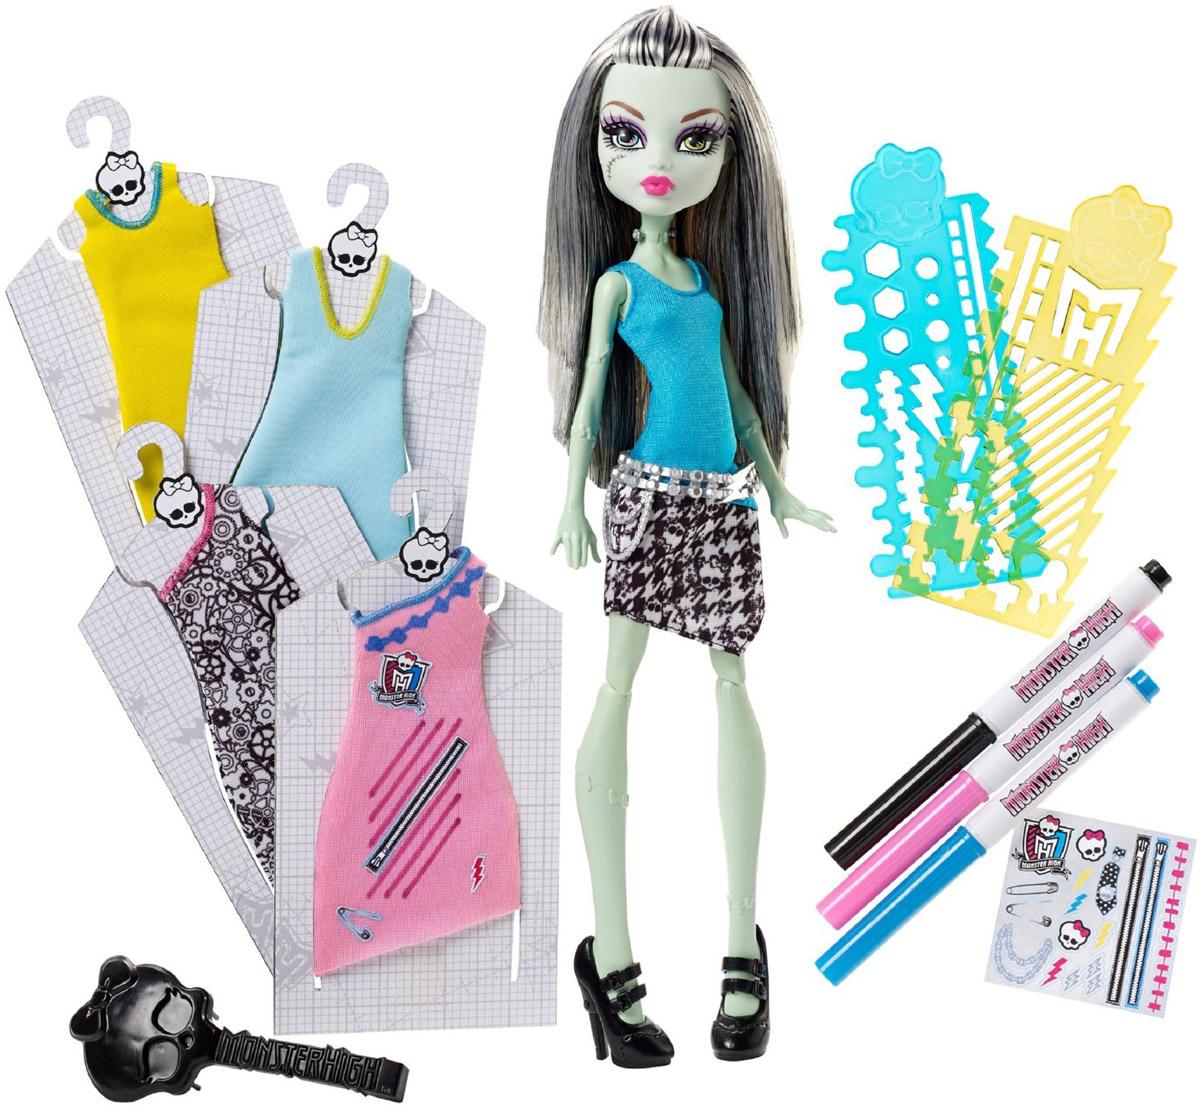 Monster High Кукла Стильная Фрэнки ШтейнDNM27Фрэнки Штейн - дочь великого доктора Франкенштейна. Она очень необычная девушка, ведь практически на всем ее теле можно найти небольшие шрамы. На шее у Фрэнки есть 2 болта, через которые она может пропускать электричество. Фрэнки решила стать модным дизайнером и открыть свой бутик стильной одежды. Нужно сказать, что это у нее получилось отлично. Дизайнерские наряды Фрэнки весьма необычны и креативны. Подружки Фрэнки с нетерпением ждут от нее новую коллекцию. В набор входят кукла, платья, трафареты, маркеры и наклейки. Придумать свои собственные рисунки, обвести трафареты и завершить образ с помощью наклеек - все это осуществимо вместе с куклой Monster High Стильная Фрэнки Штейн! Также в набор входит расческа, с помощью которой ваша дочурка сможет заплетать кукле различные прически! Порадуйте своего ребенка таким замечательным подарком!